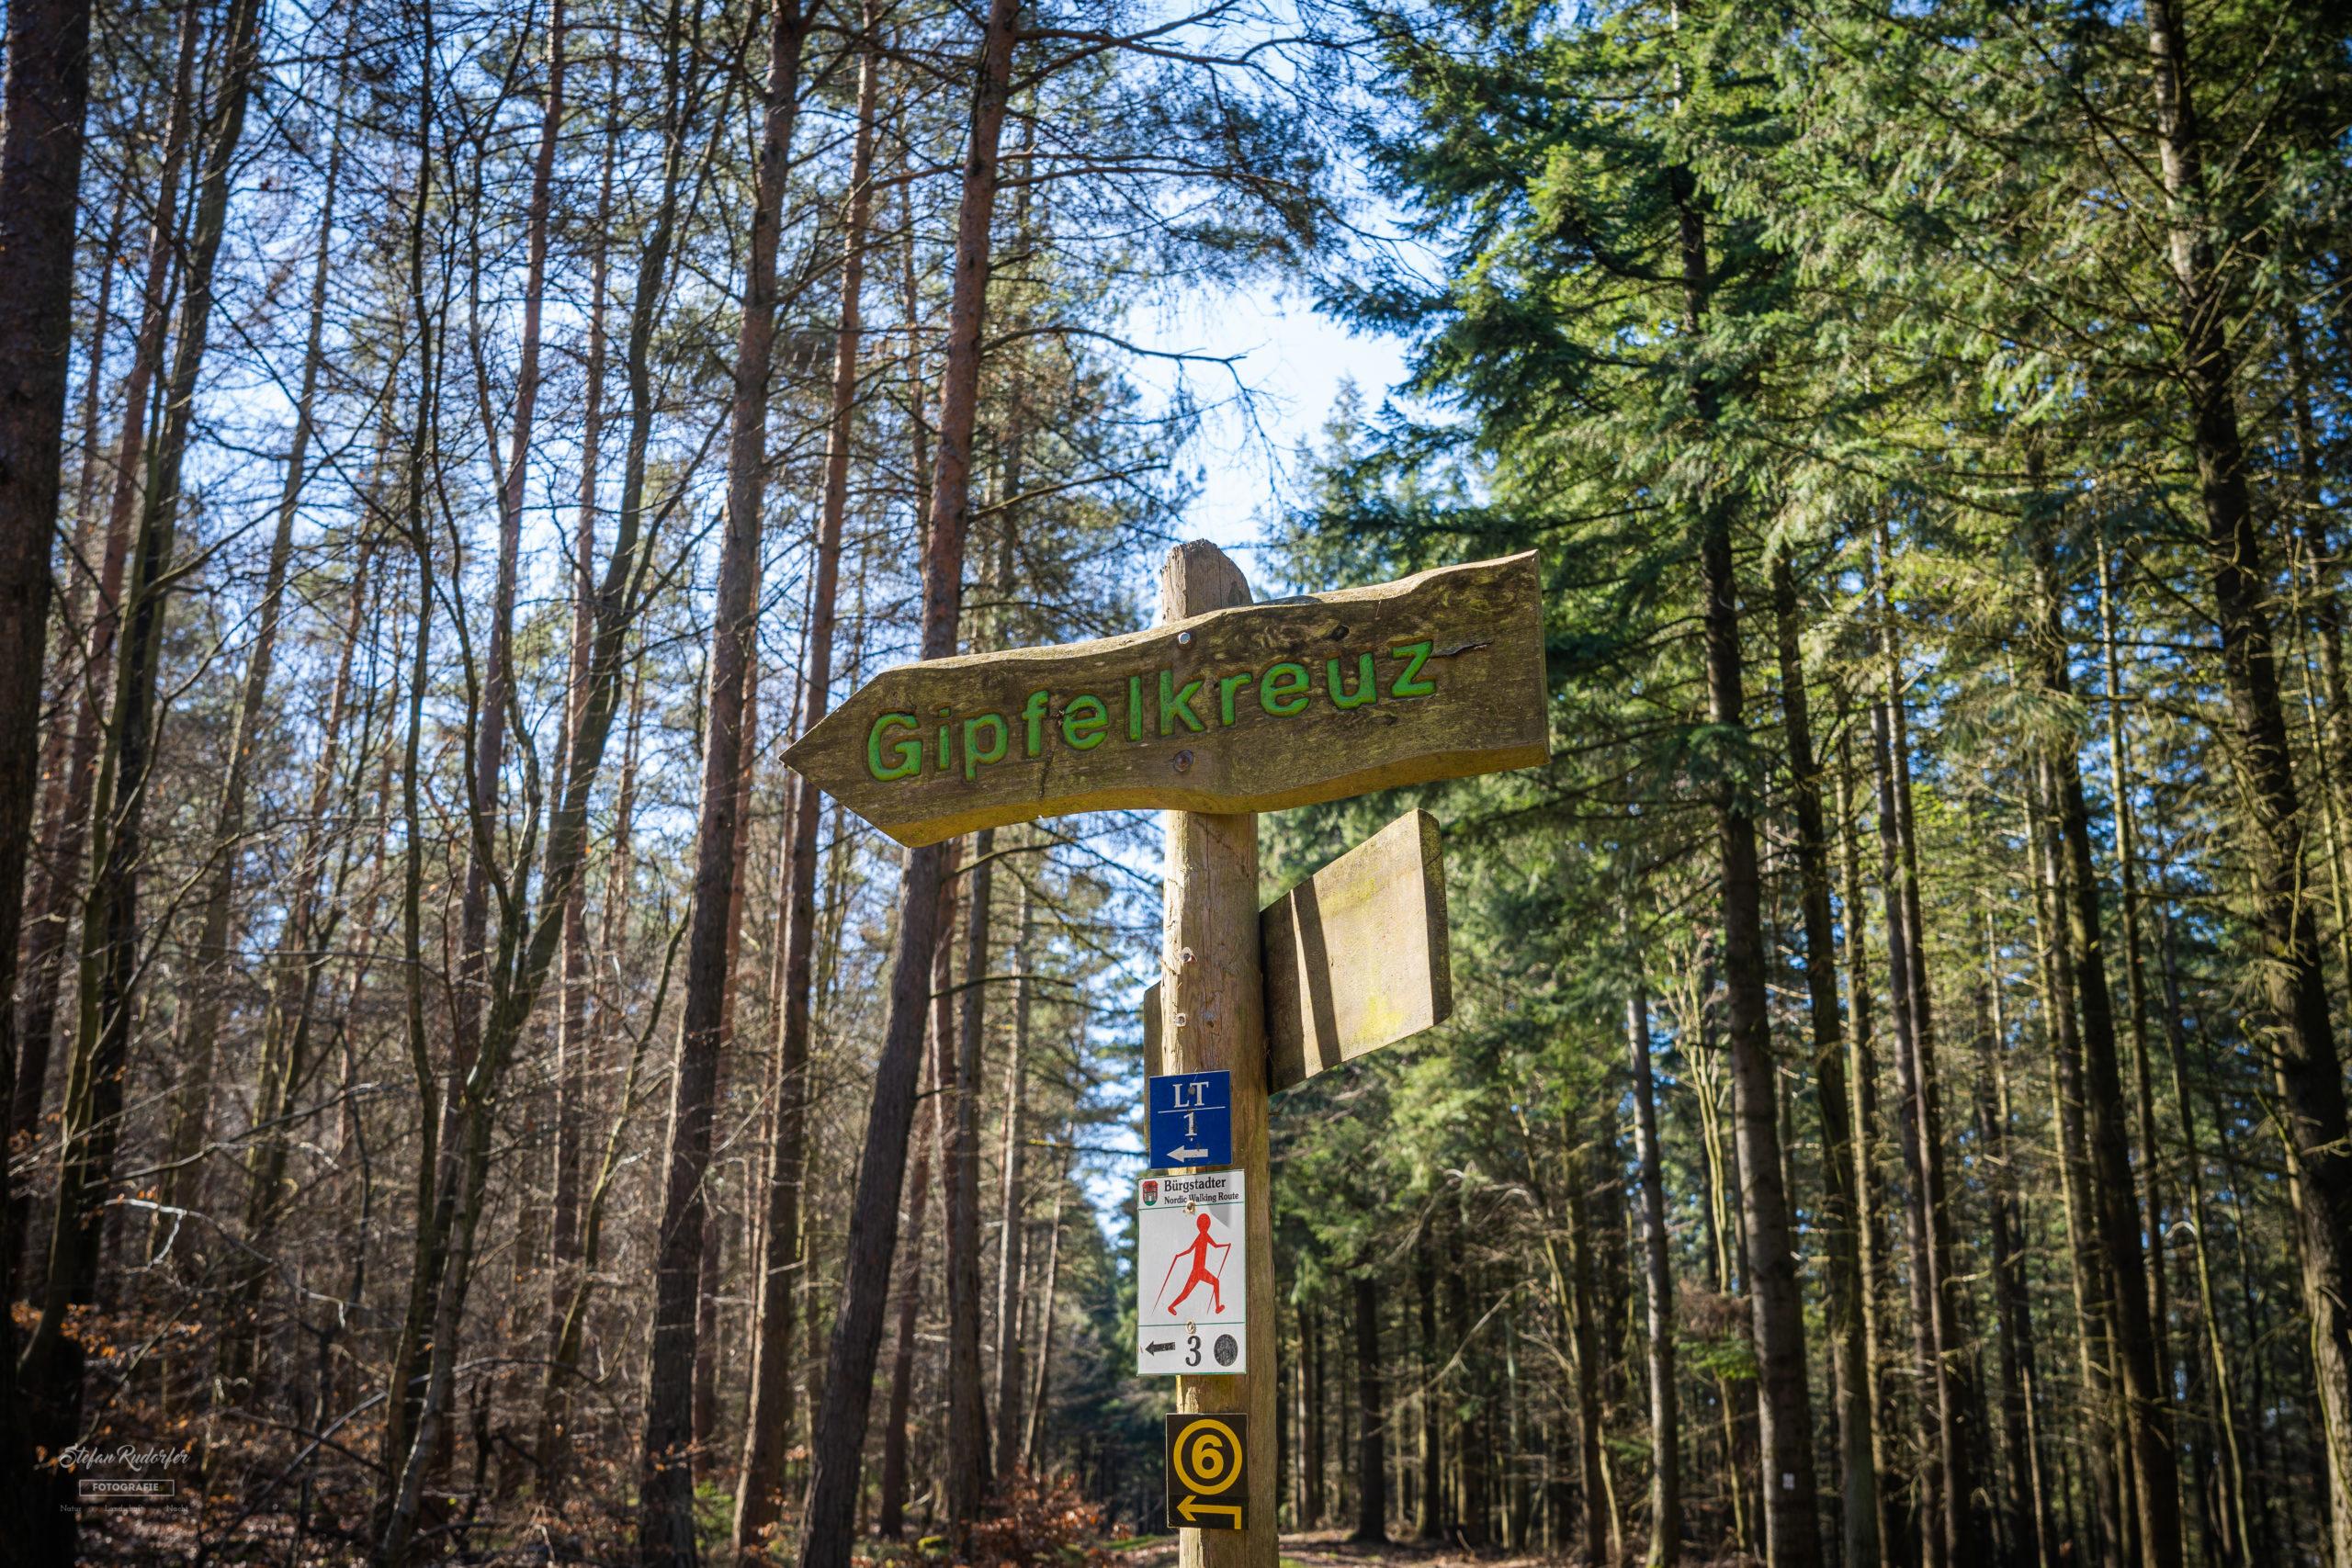 Wegweiser zum Gipfelkreuz